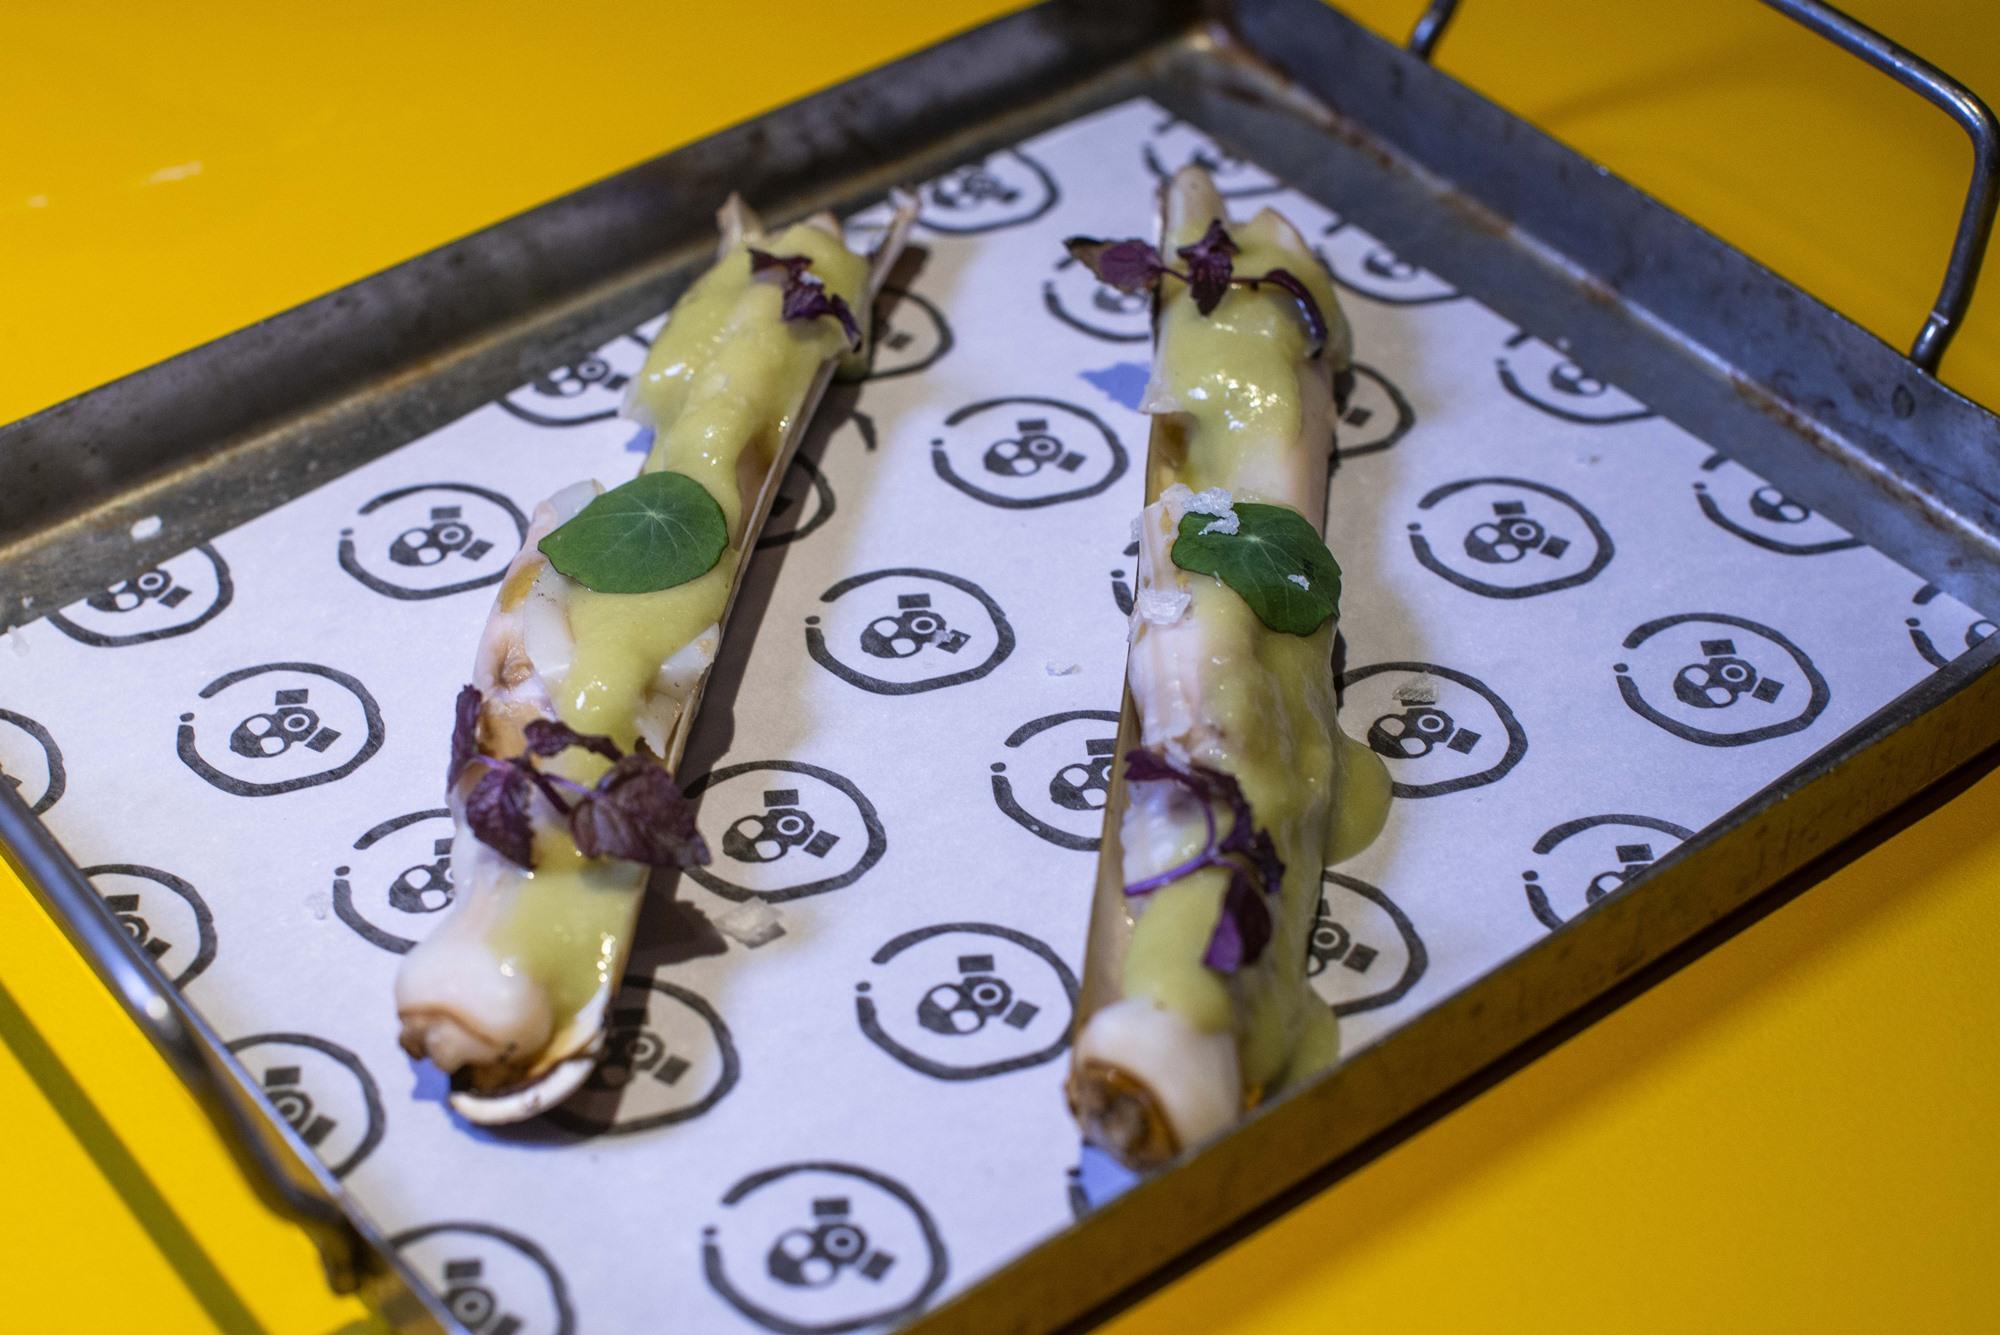 Elaboraciones siempre sobre producto gallego, como estas navajas a la brasa con wasabi.